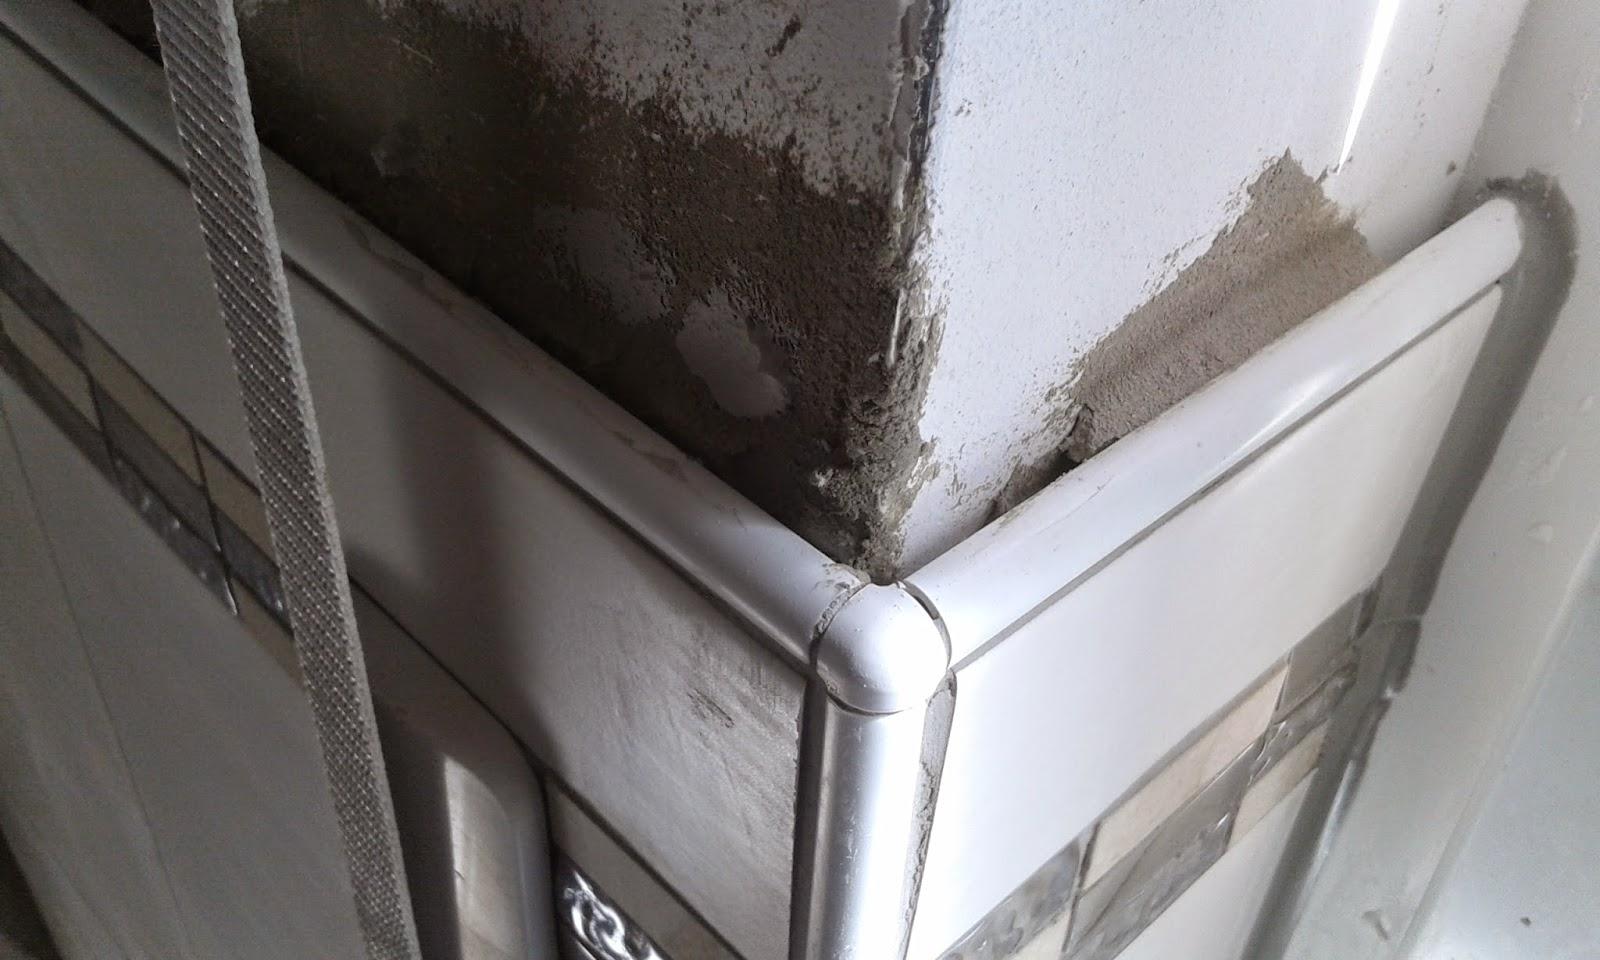 02.05.2015 - heizung läuft endlich. fertigstellung in sicht? | ceb, Badezimmer ideen